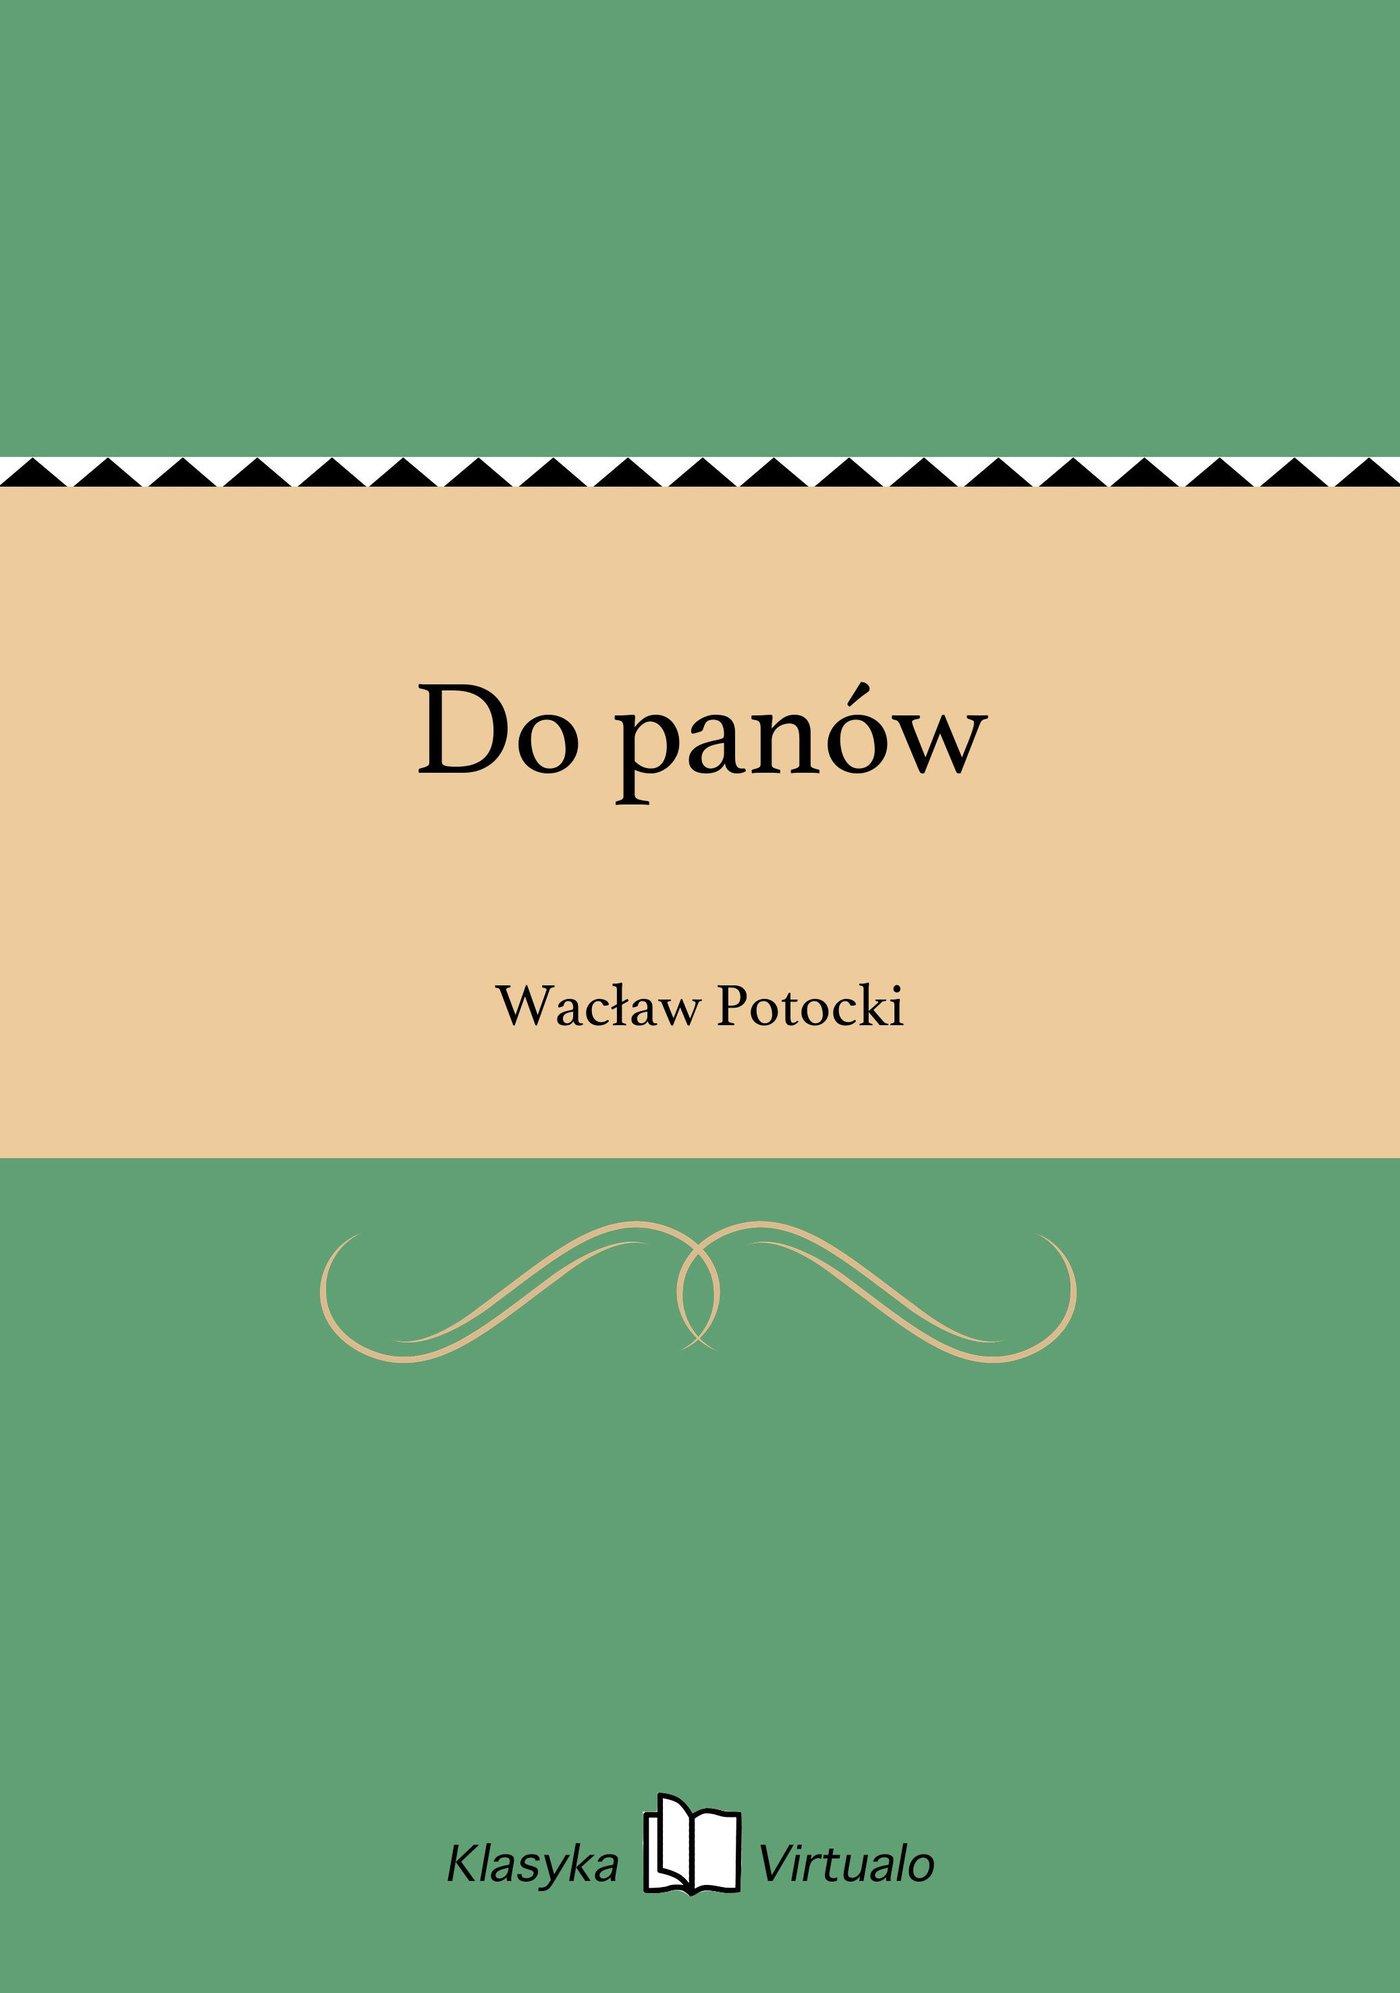 Do panów - Ebook (Książka EPUB) do pobrania w formacie EPUB